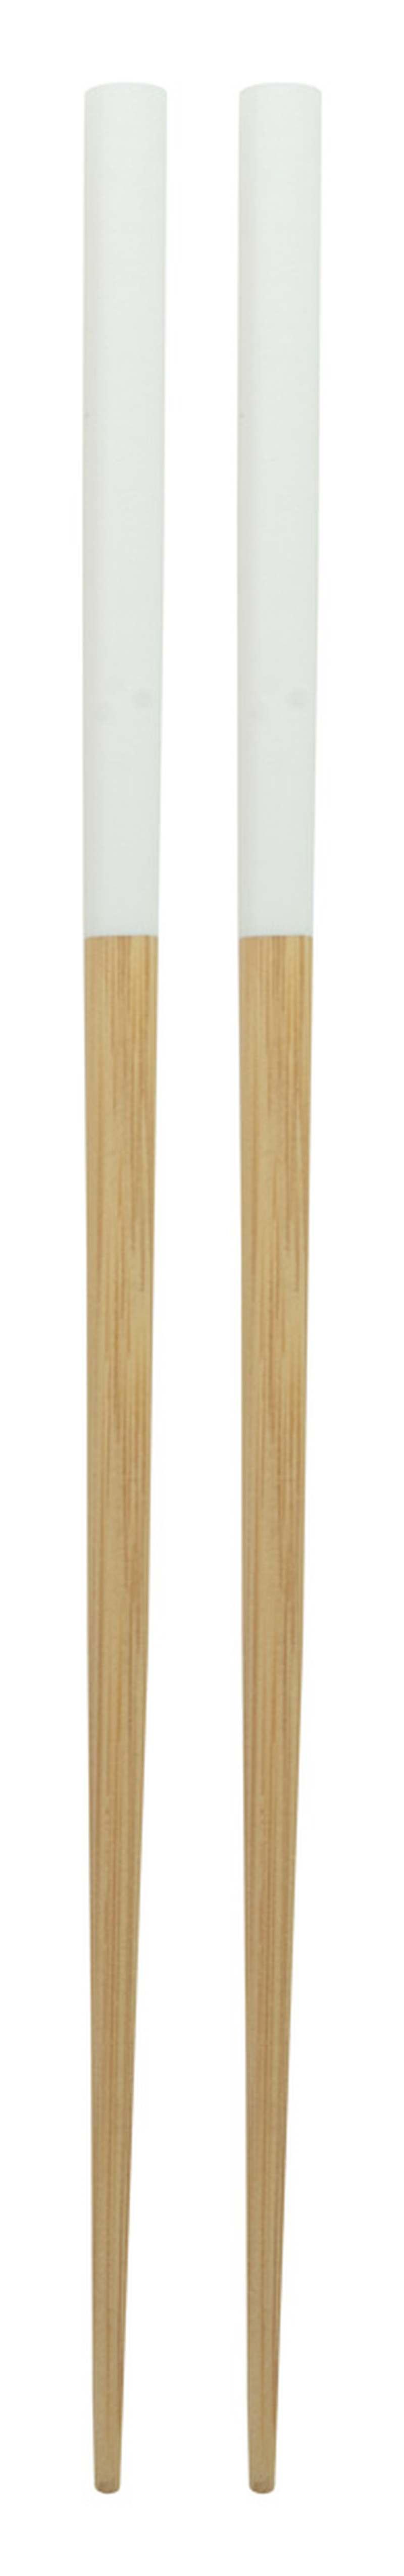 Bambusové hůlky Sinicus